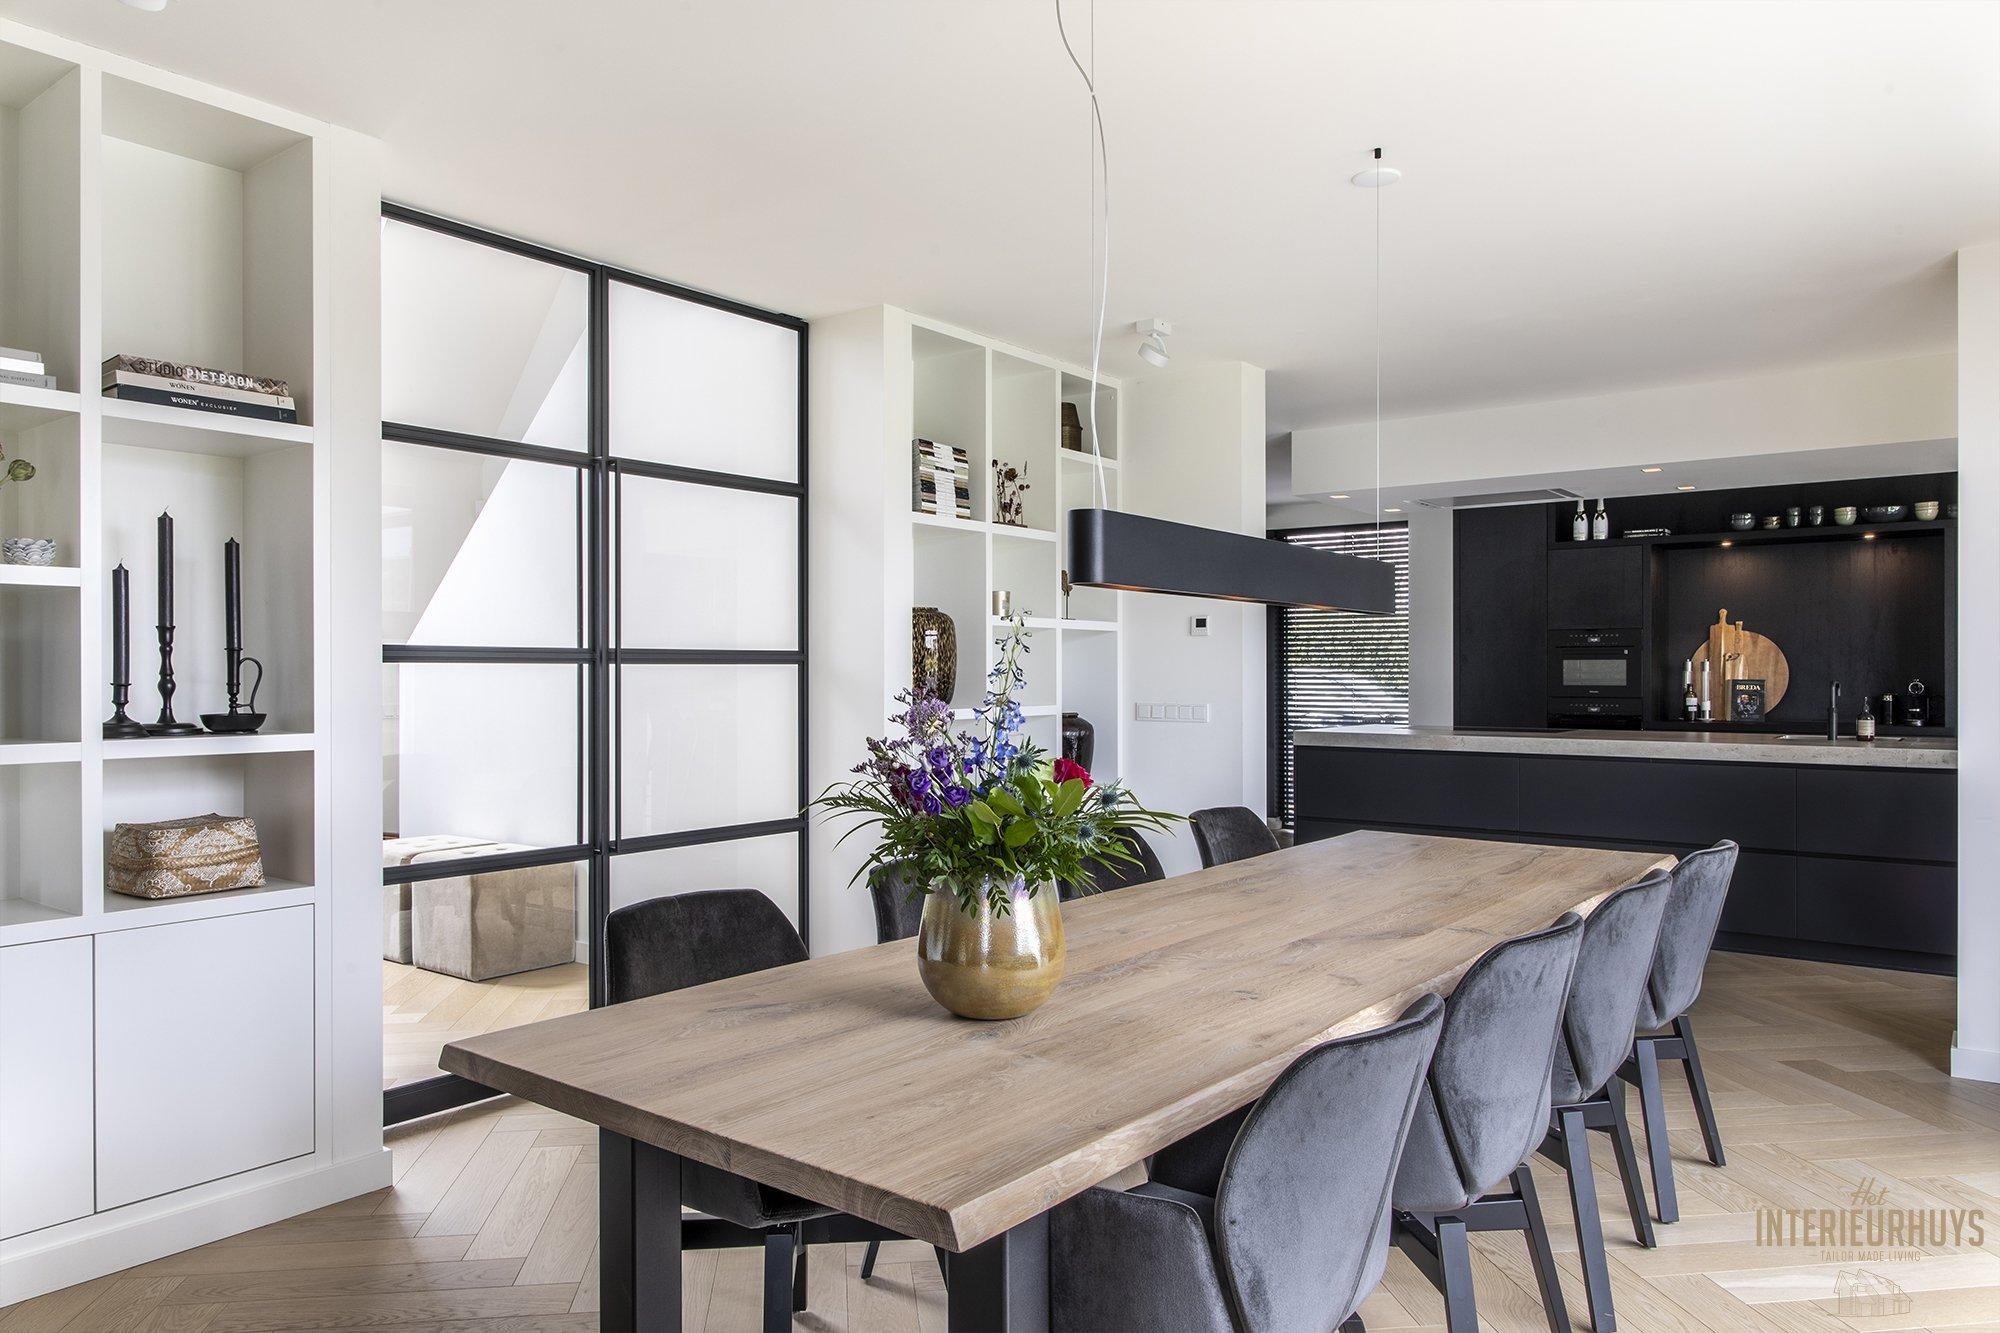 Eetkamer met op achtergrond keuken met kookeiland in de stijl klassiek modern.